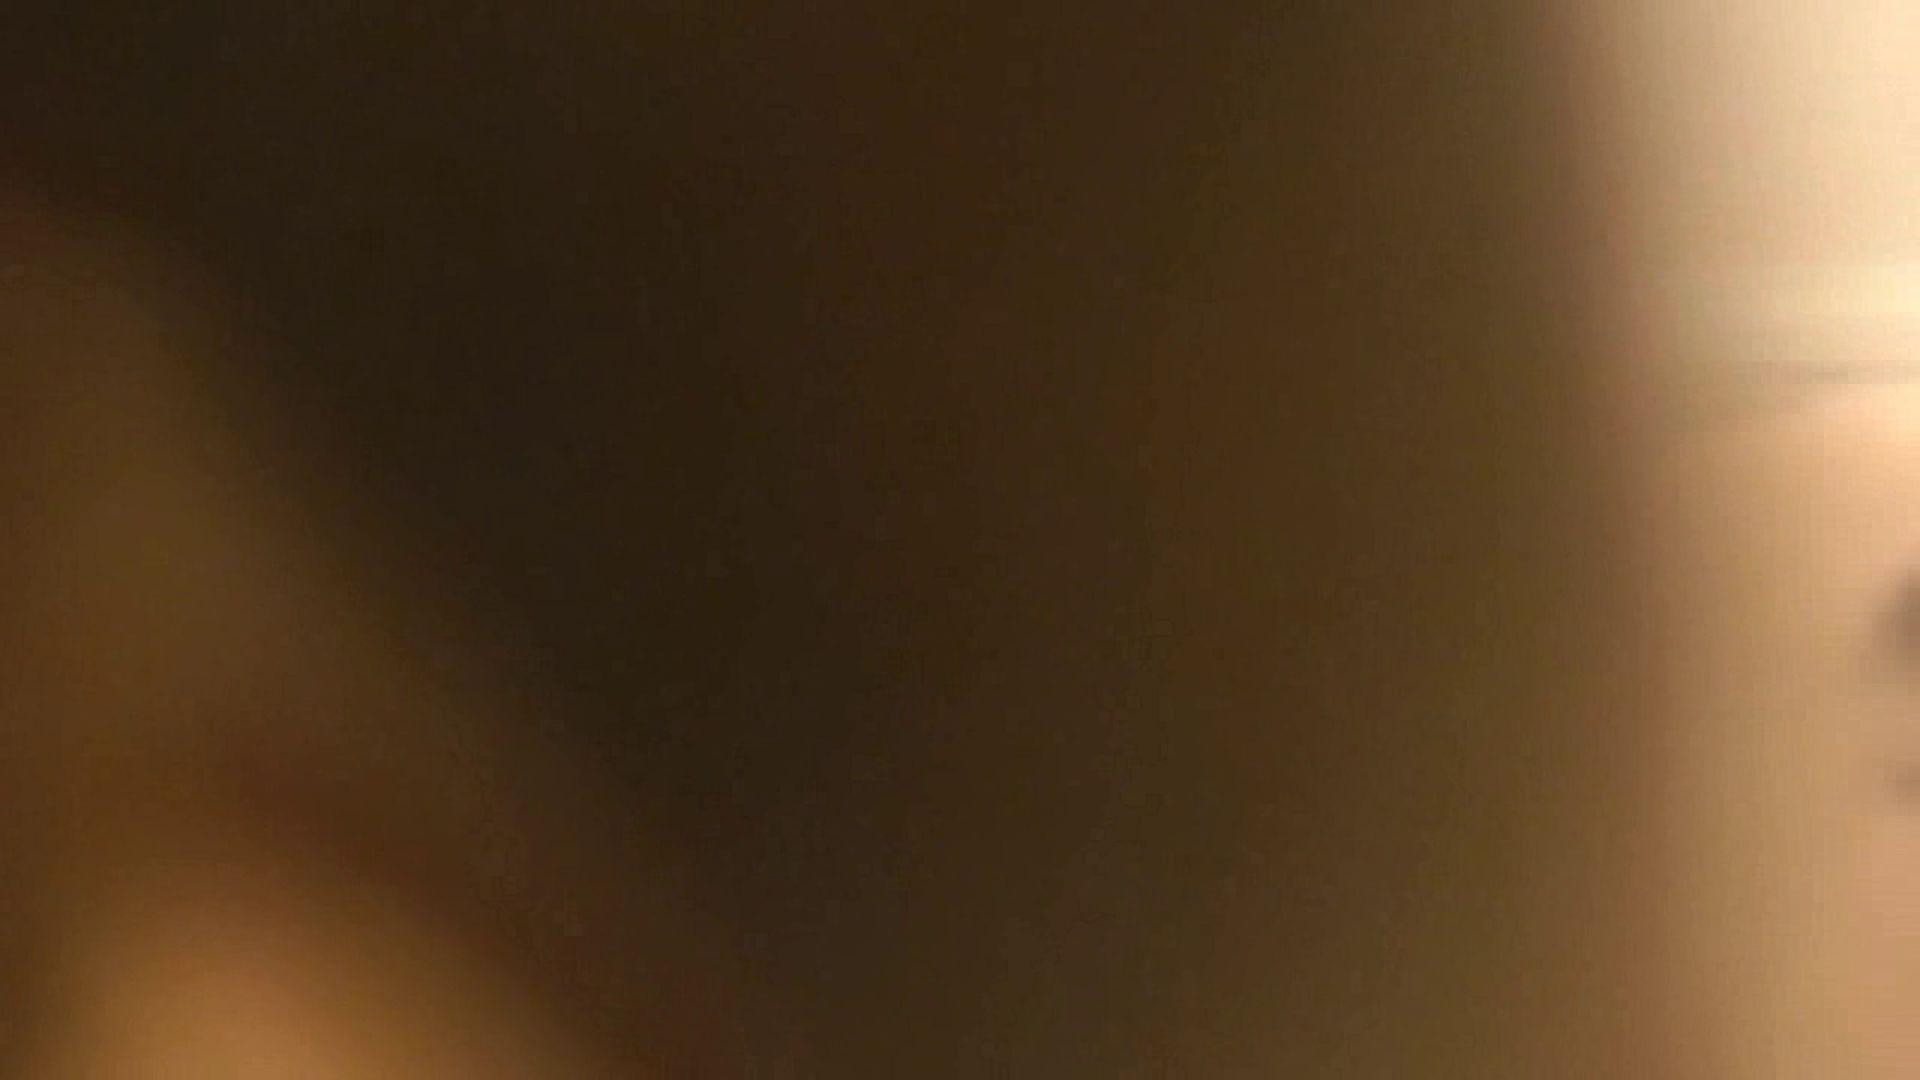 vol.1 Mayumi 窓越しに入浴シーン撮影に成功 入浴 おまんこ動画流出 60連発 20